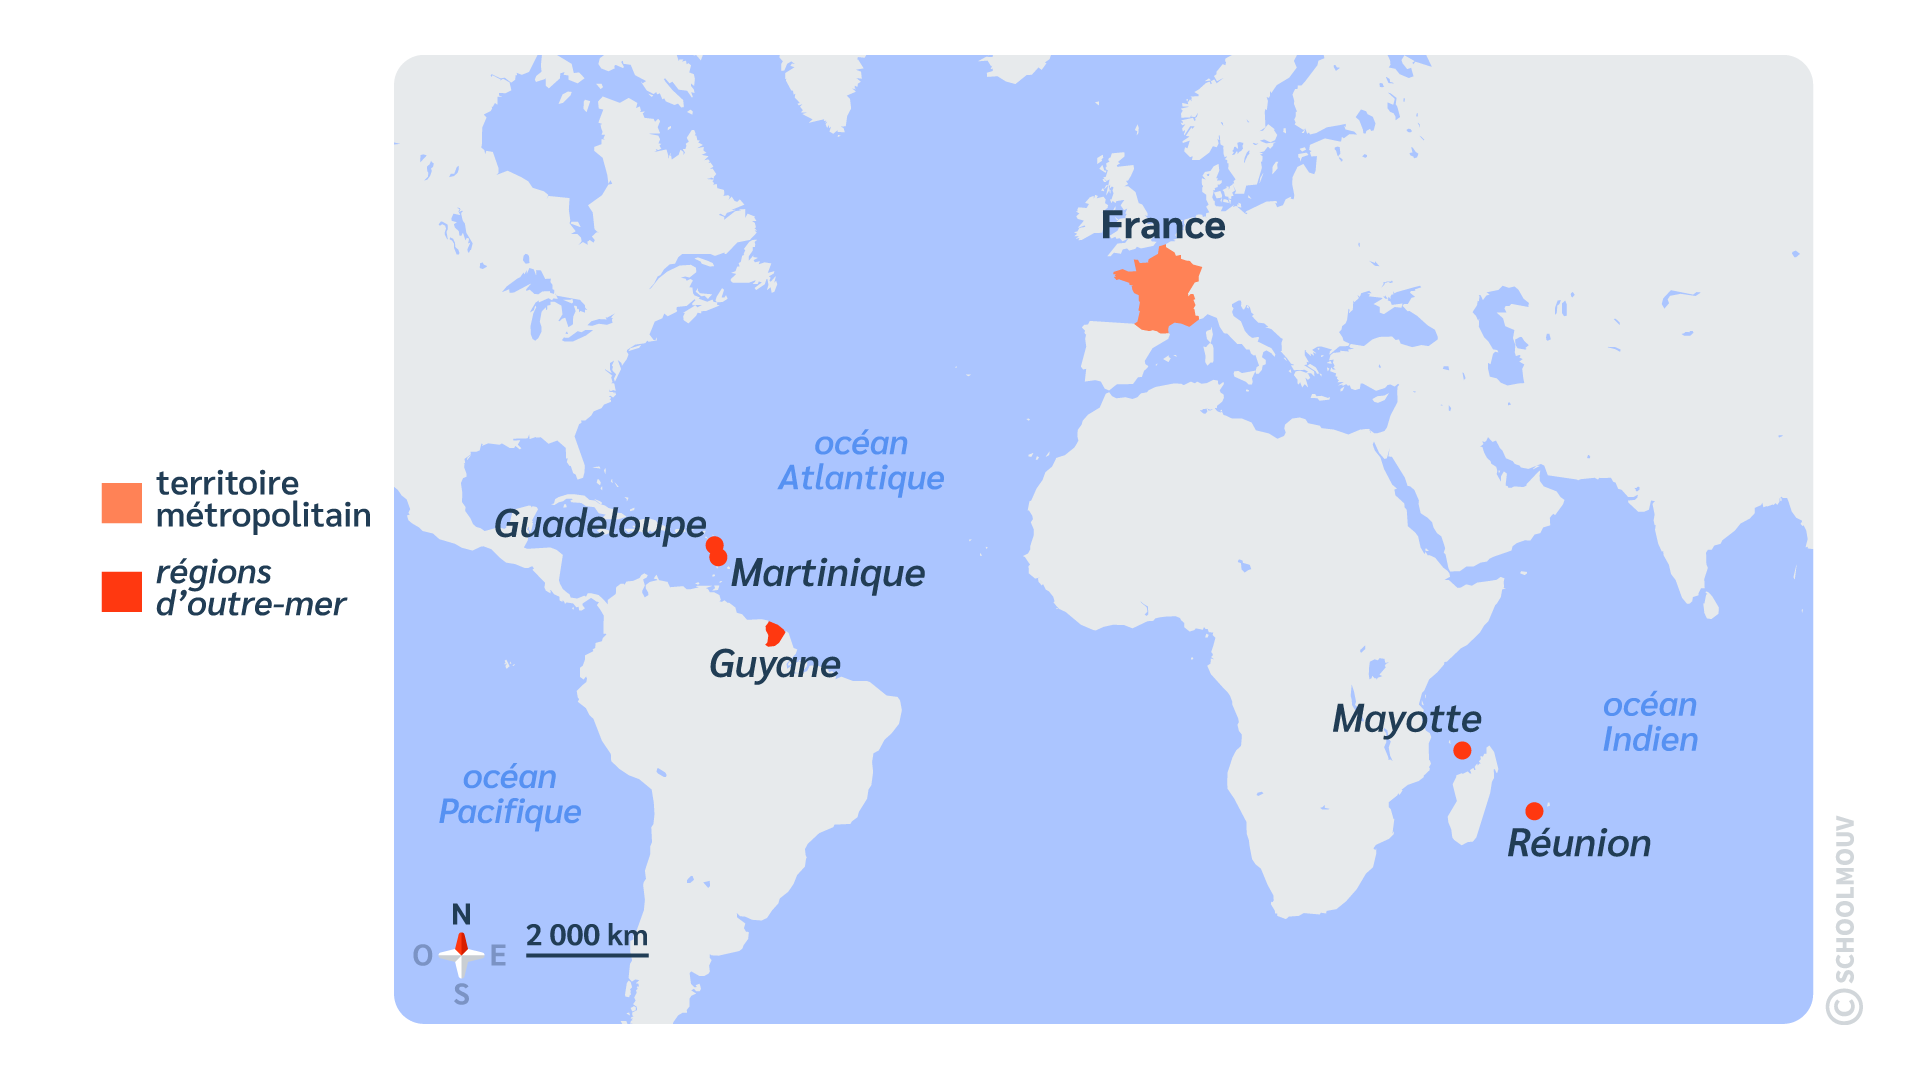 primaire questionner le monde géographie ce2 décrire un pays et ses régions outr-mer